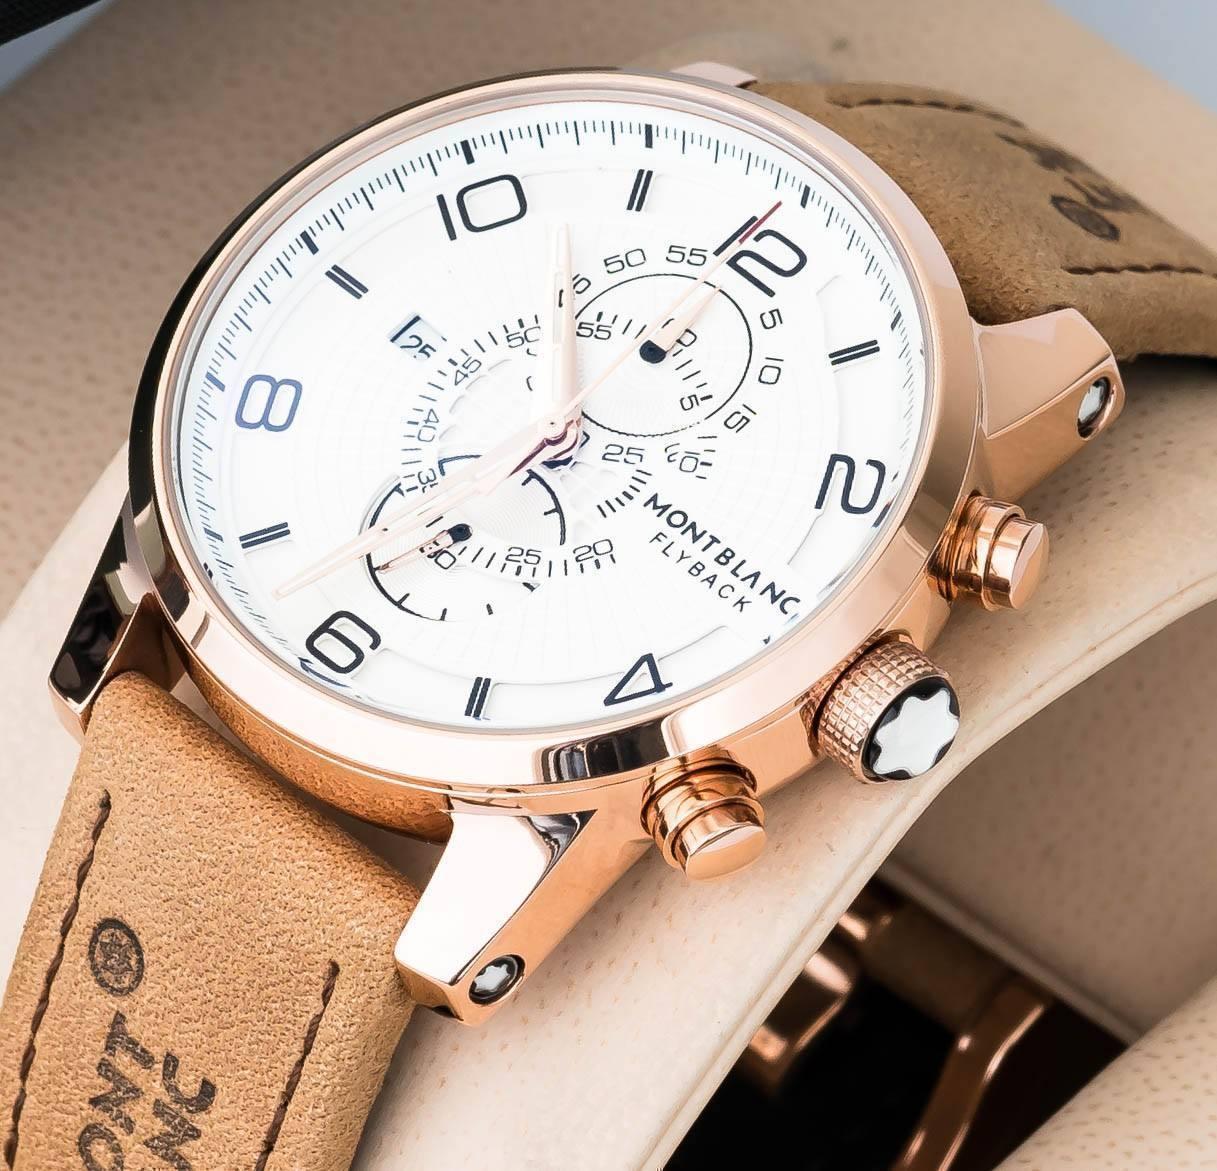 Montblanc Watches - Jomashop